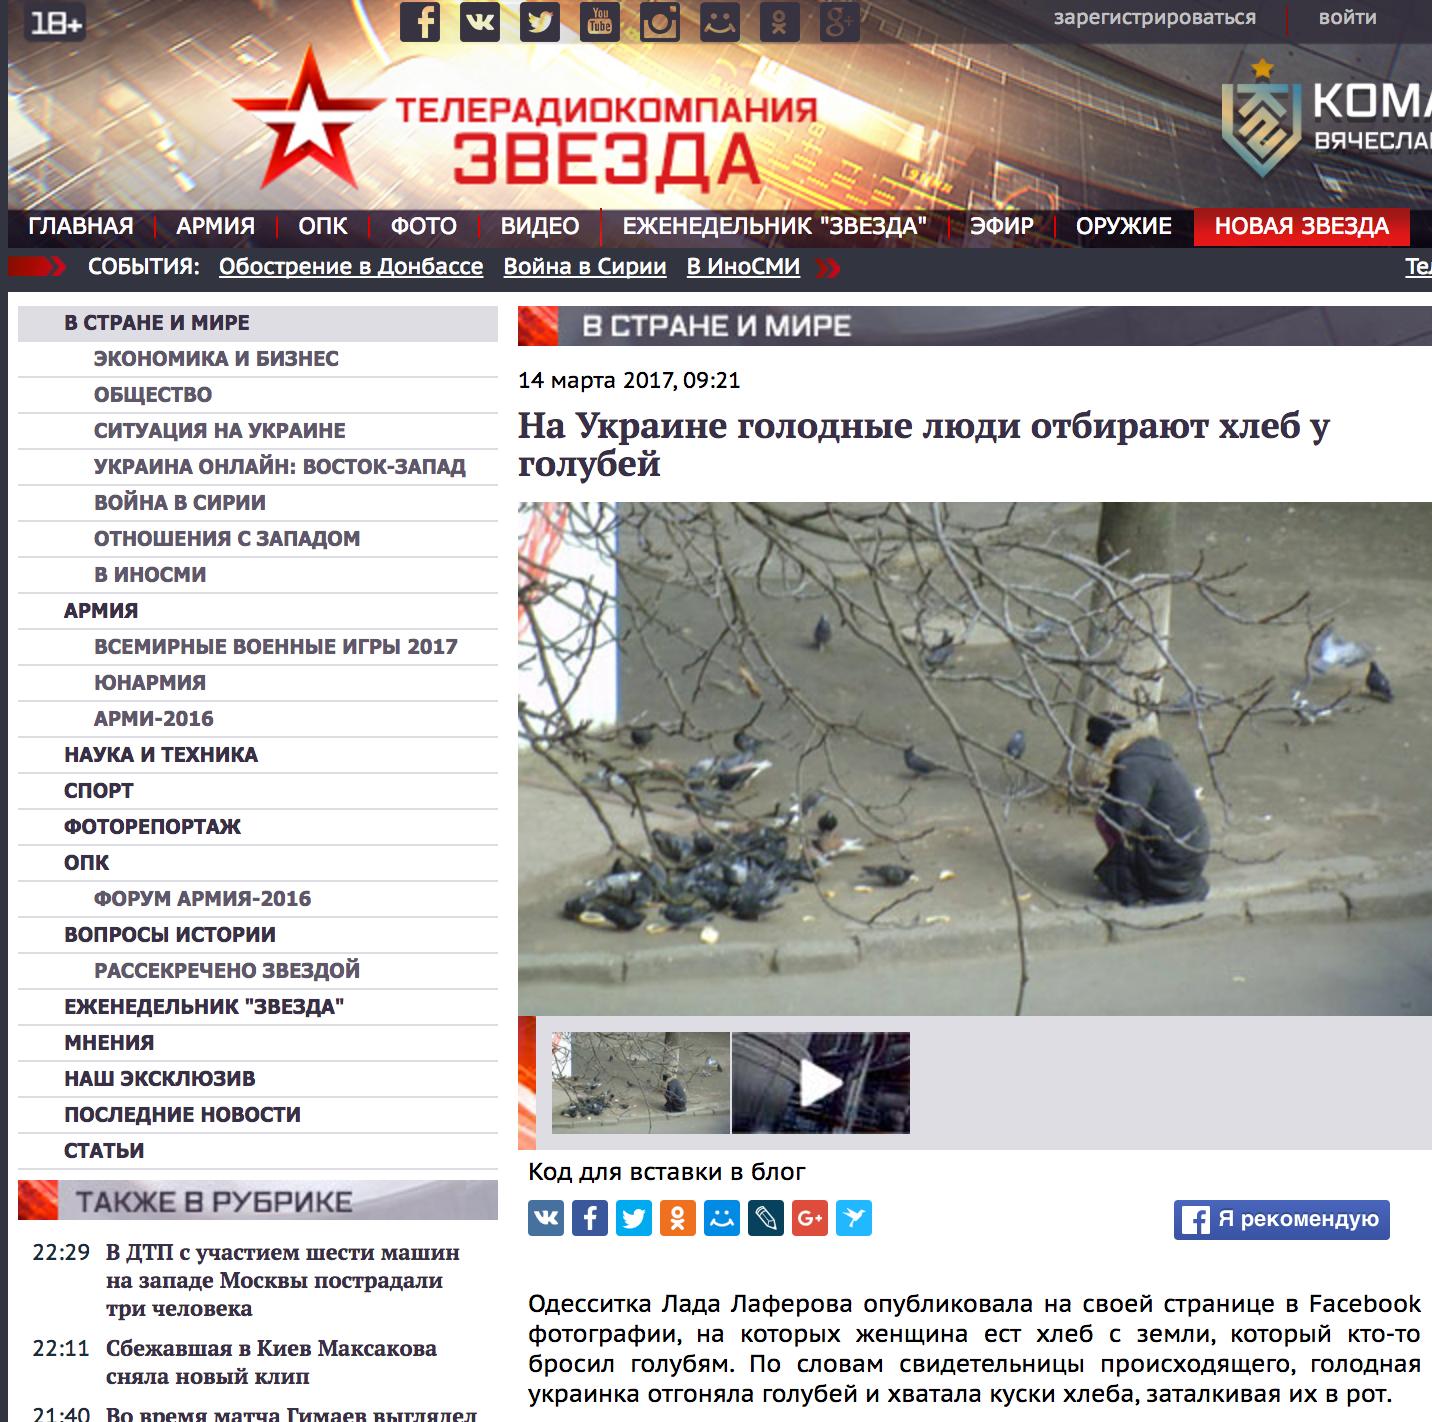 Це сигнал для тих, хто в Криму працює з окупаційною владою. Варто подумати перед тим, як виконувати накази, - Клімкін про нові санкції ЄС - Цензор.НЕТ 4074